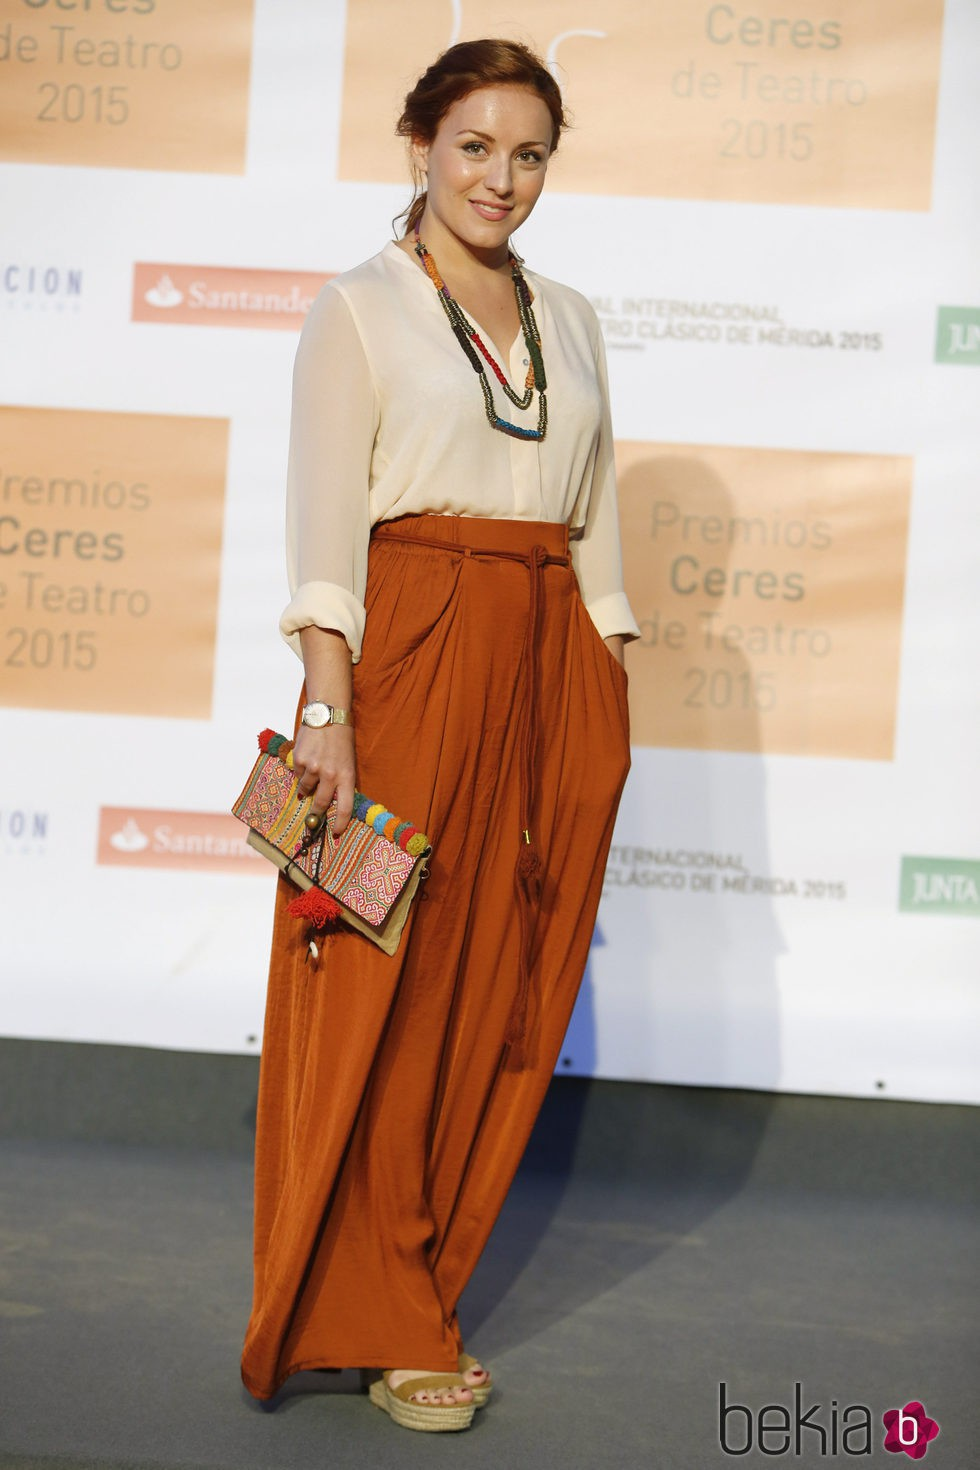 Claudia Molina en la entrega de los Premios Ceres 2015